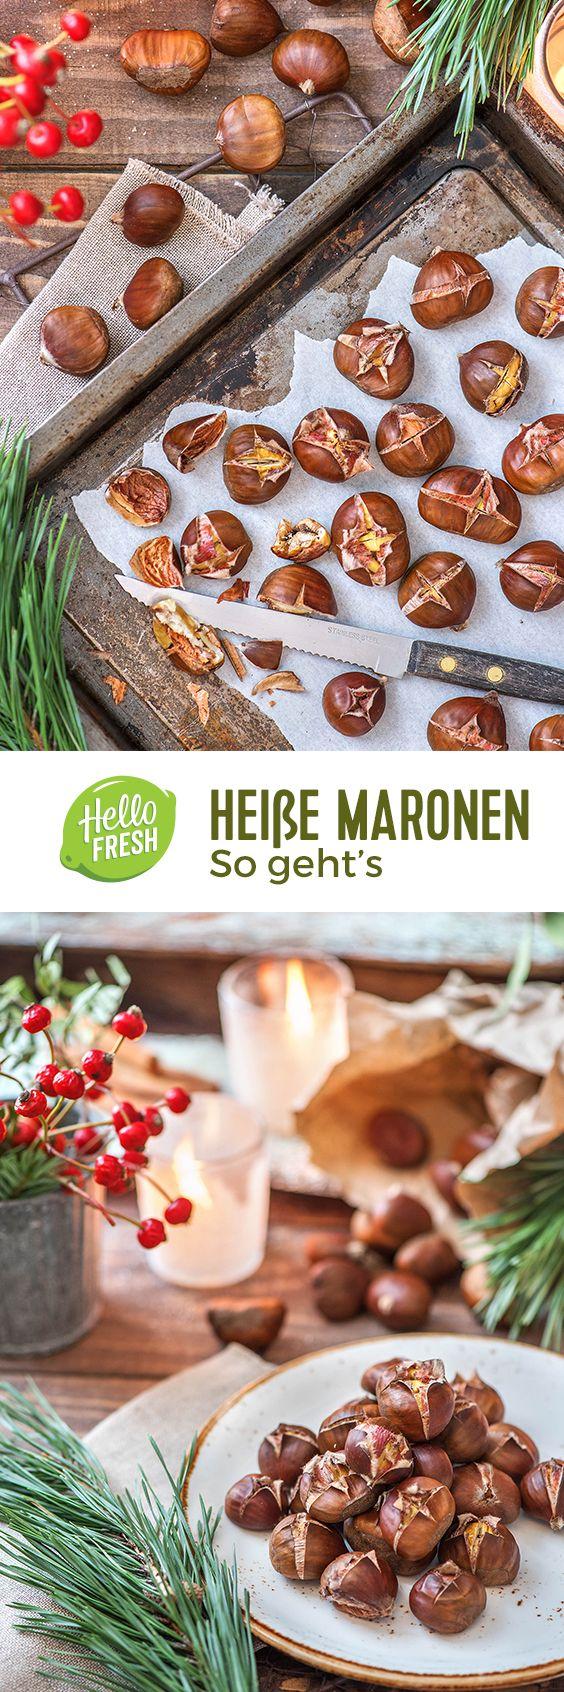 So machst Du leckere Maronen ganz einfach selbst! Herzhaft oder süß, das ist eigentlich egal. Auf einem Weihnachtsmarktbesuch wird sich einmalquerbeet durchprobiert!An einigen Klassikern kommt man wirklich nie vorbei, ohne eine Portion zu kosten.